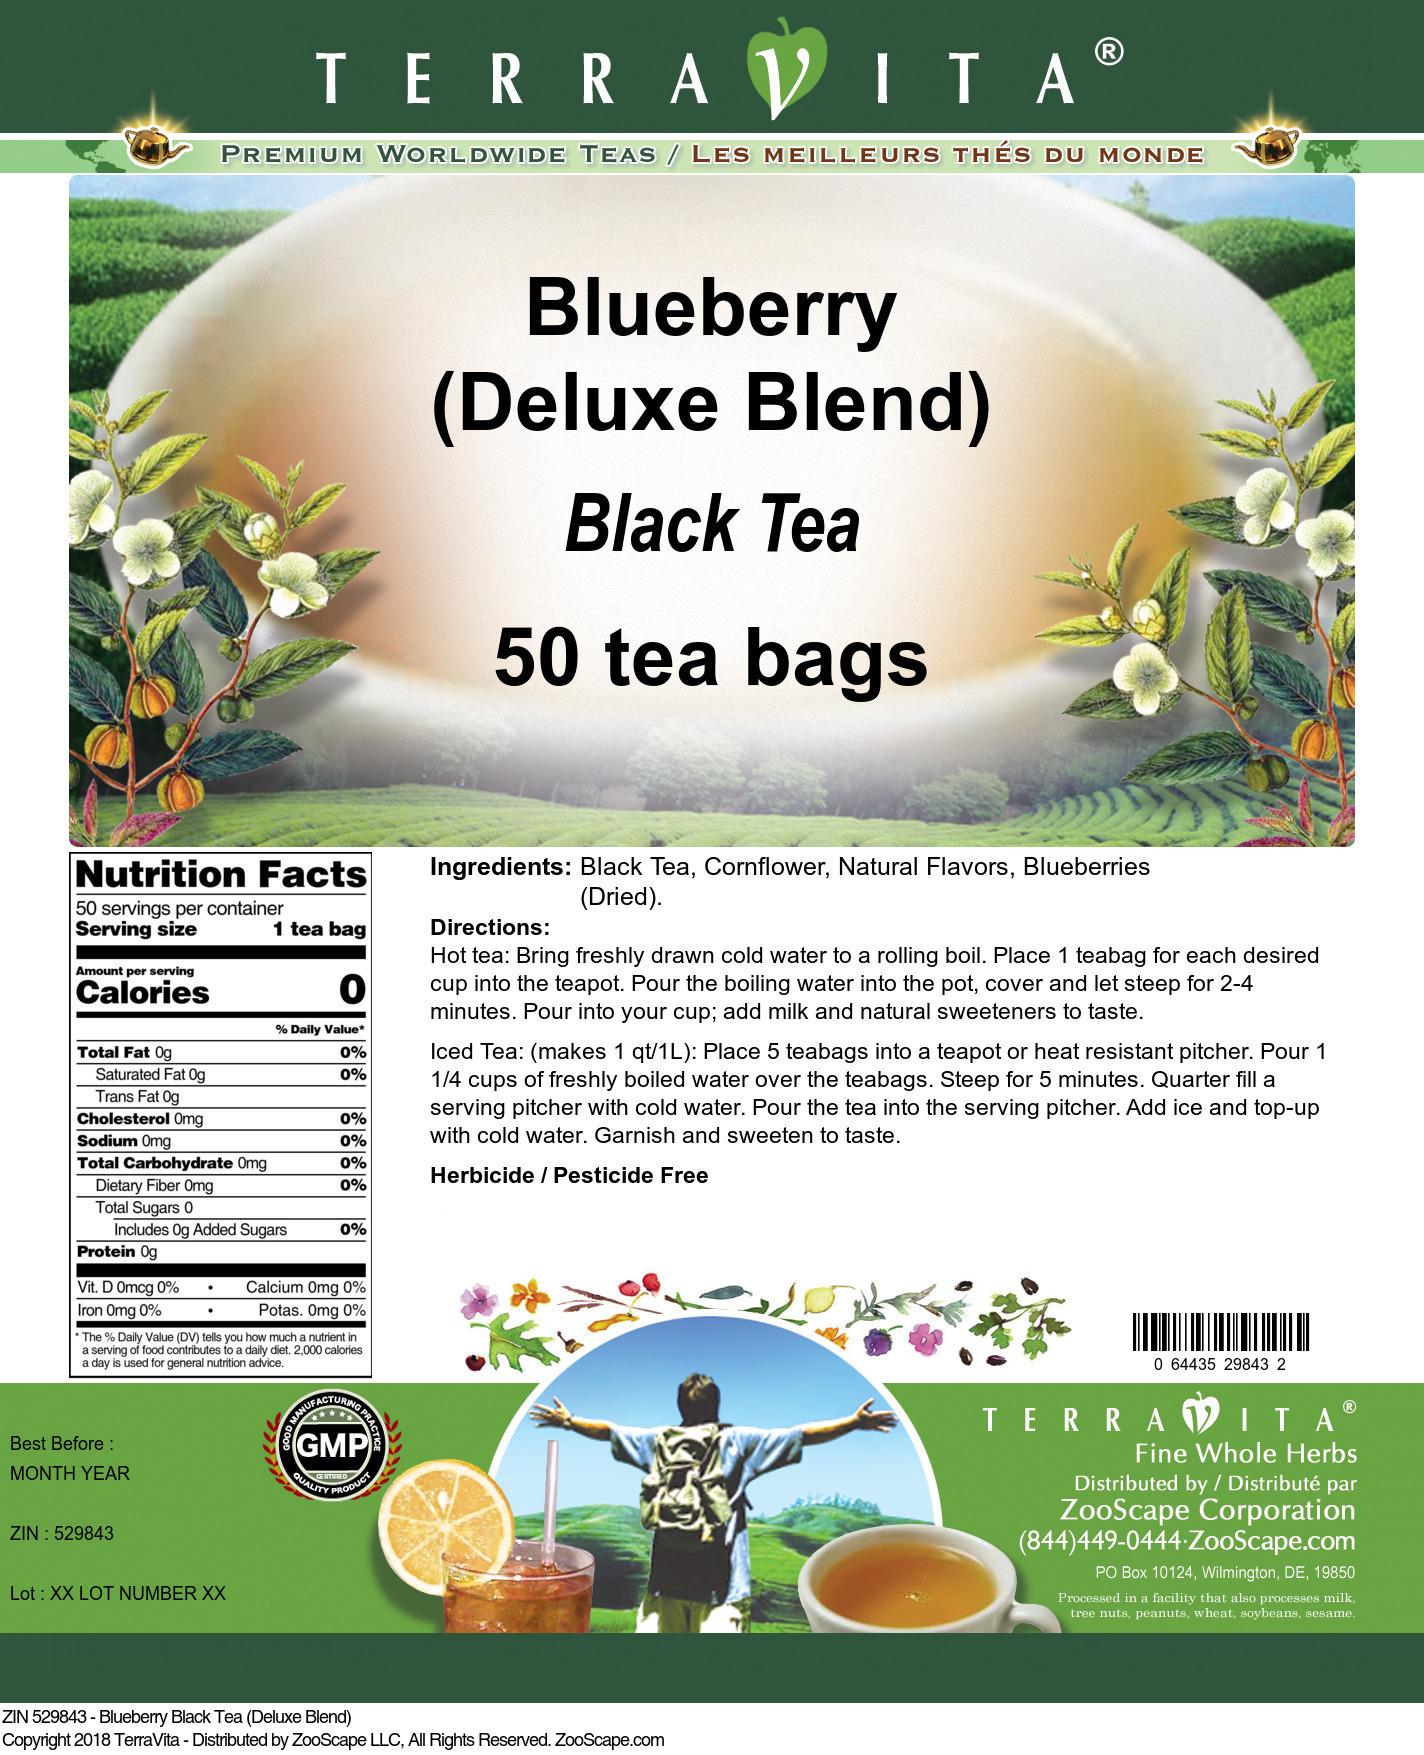 Blueberry Black Tea (Deluxe Blend)